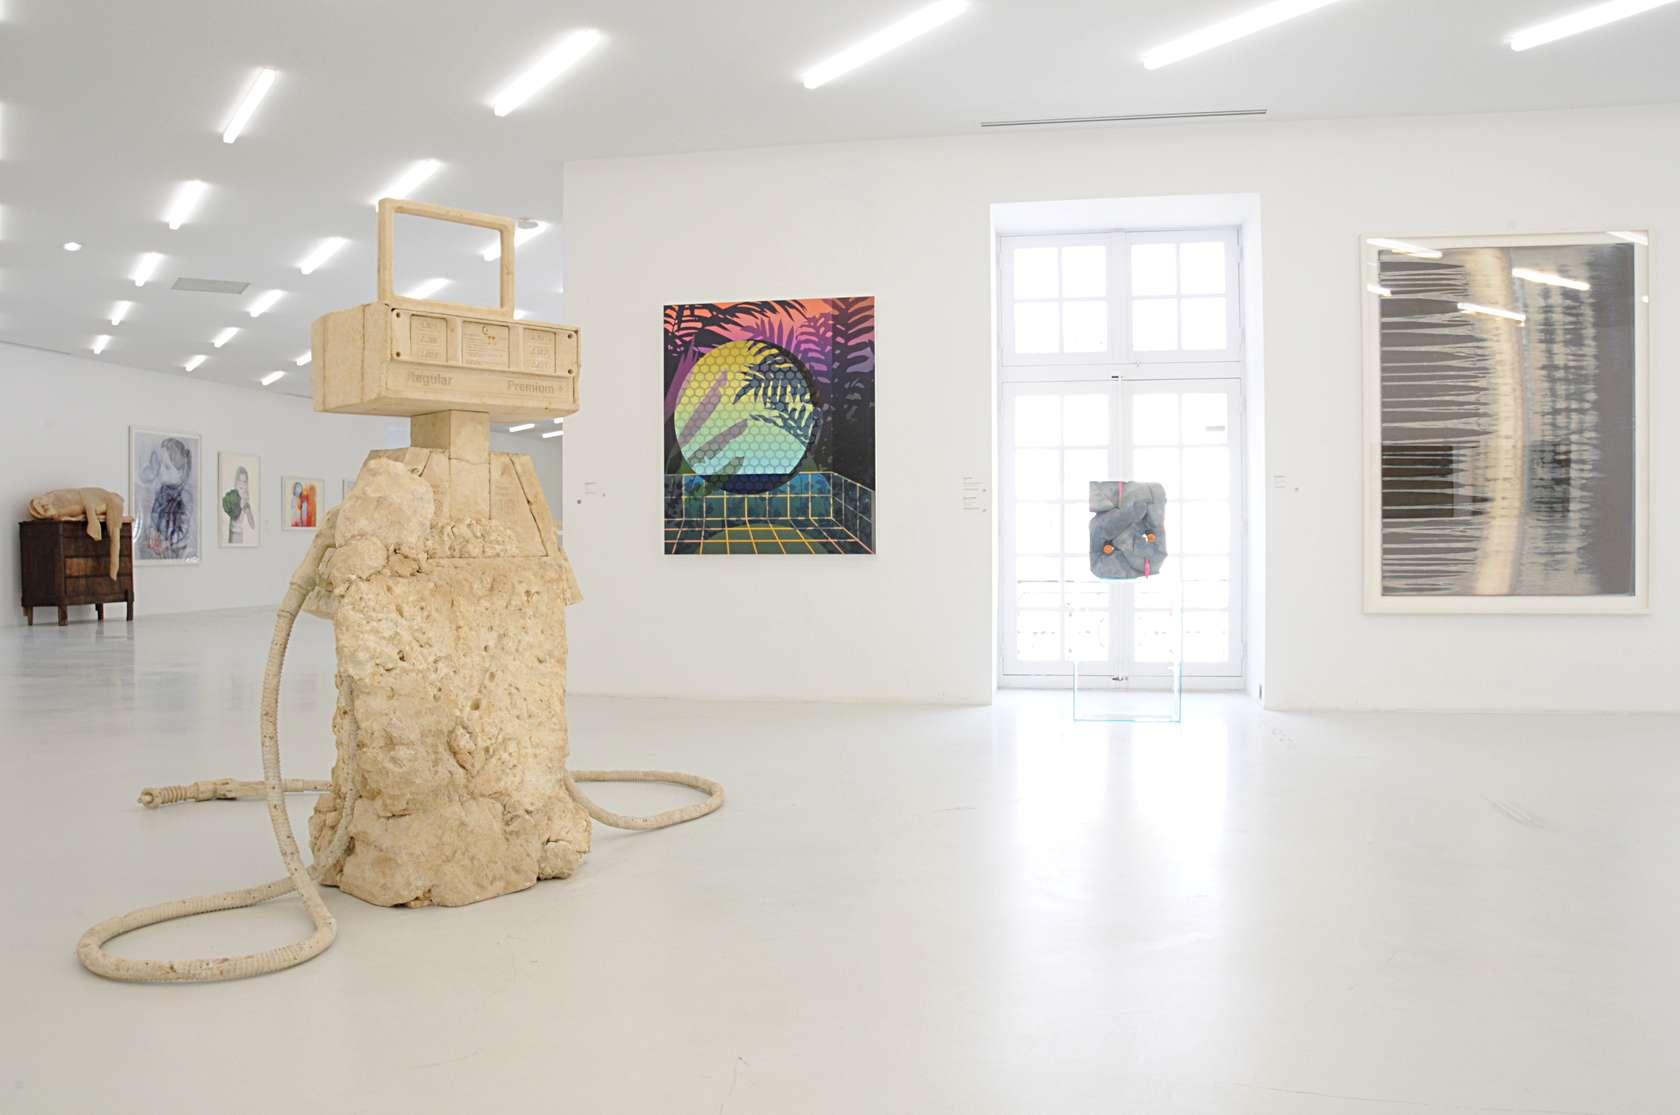 Amélie Bertrand & Françoise Pétrovitch Collectionner au XXIe siècle, De leur temps (6) (group) Semiose 14 décembre 2019 — 15 mars 2020